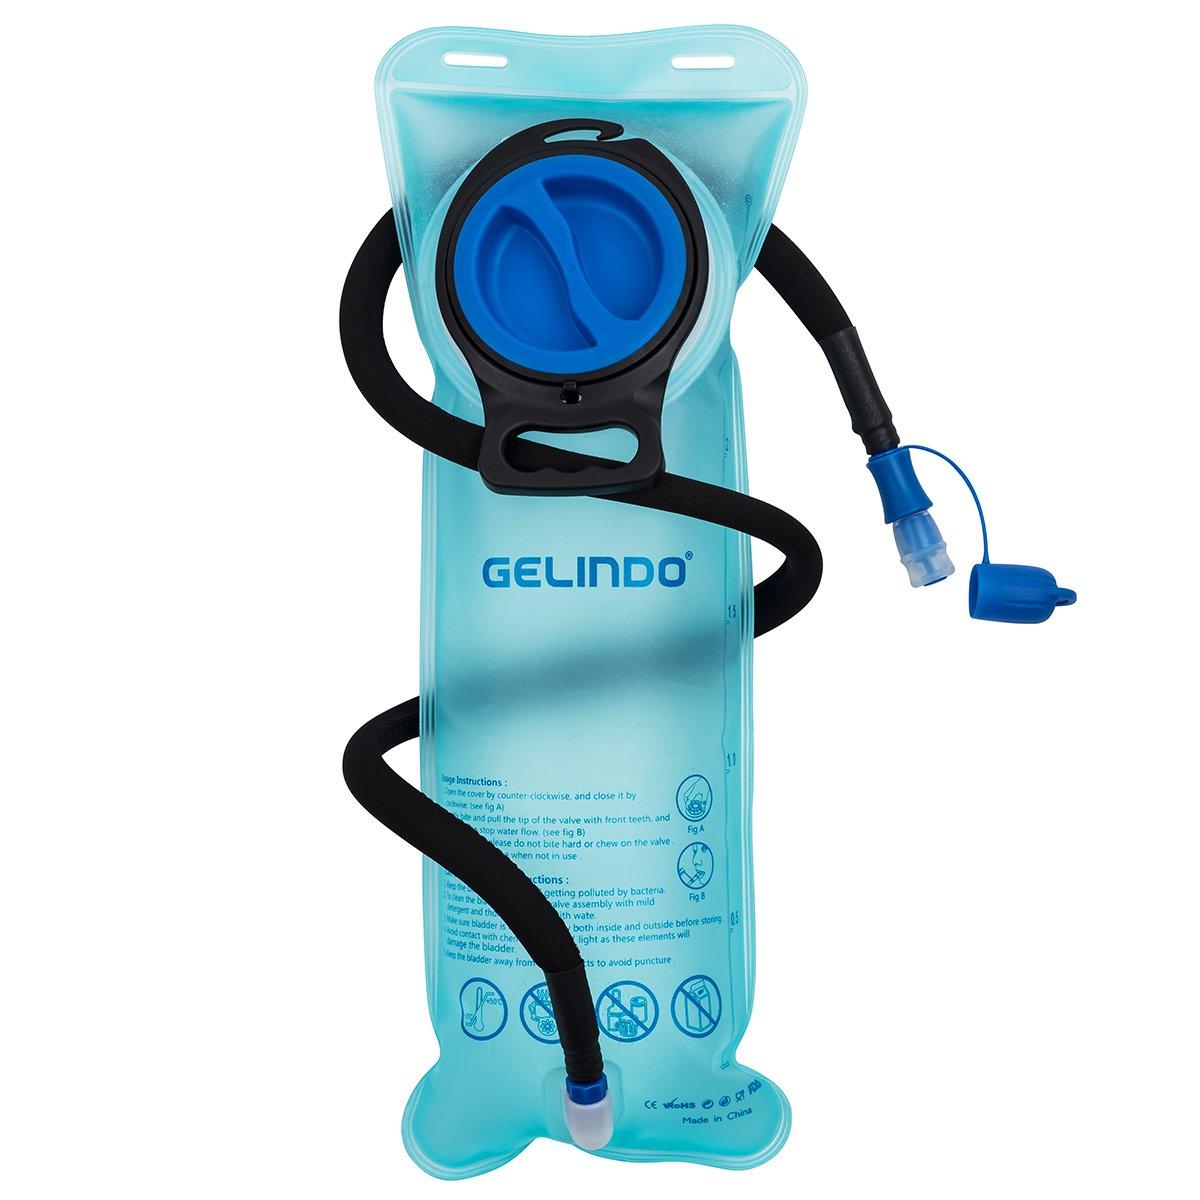 Gelindo Hydration Bladder Depósito de agua de 2,5 litros con tubo aislado desmontable, reemplazo de mochila de hidratación BPA-Free para senderismo, camping, ciclismo, caza